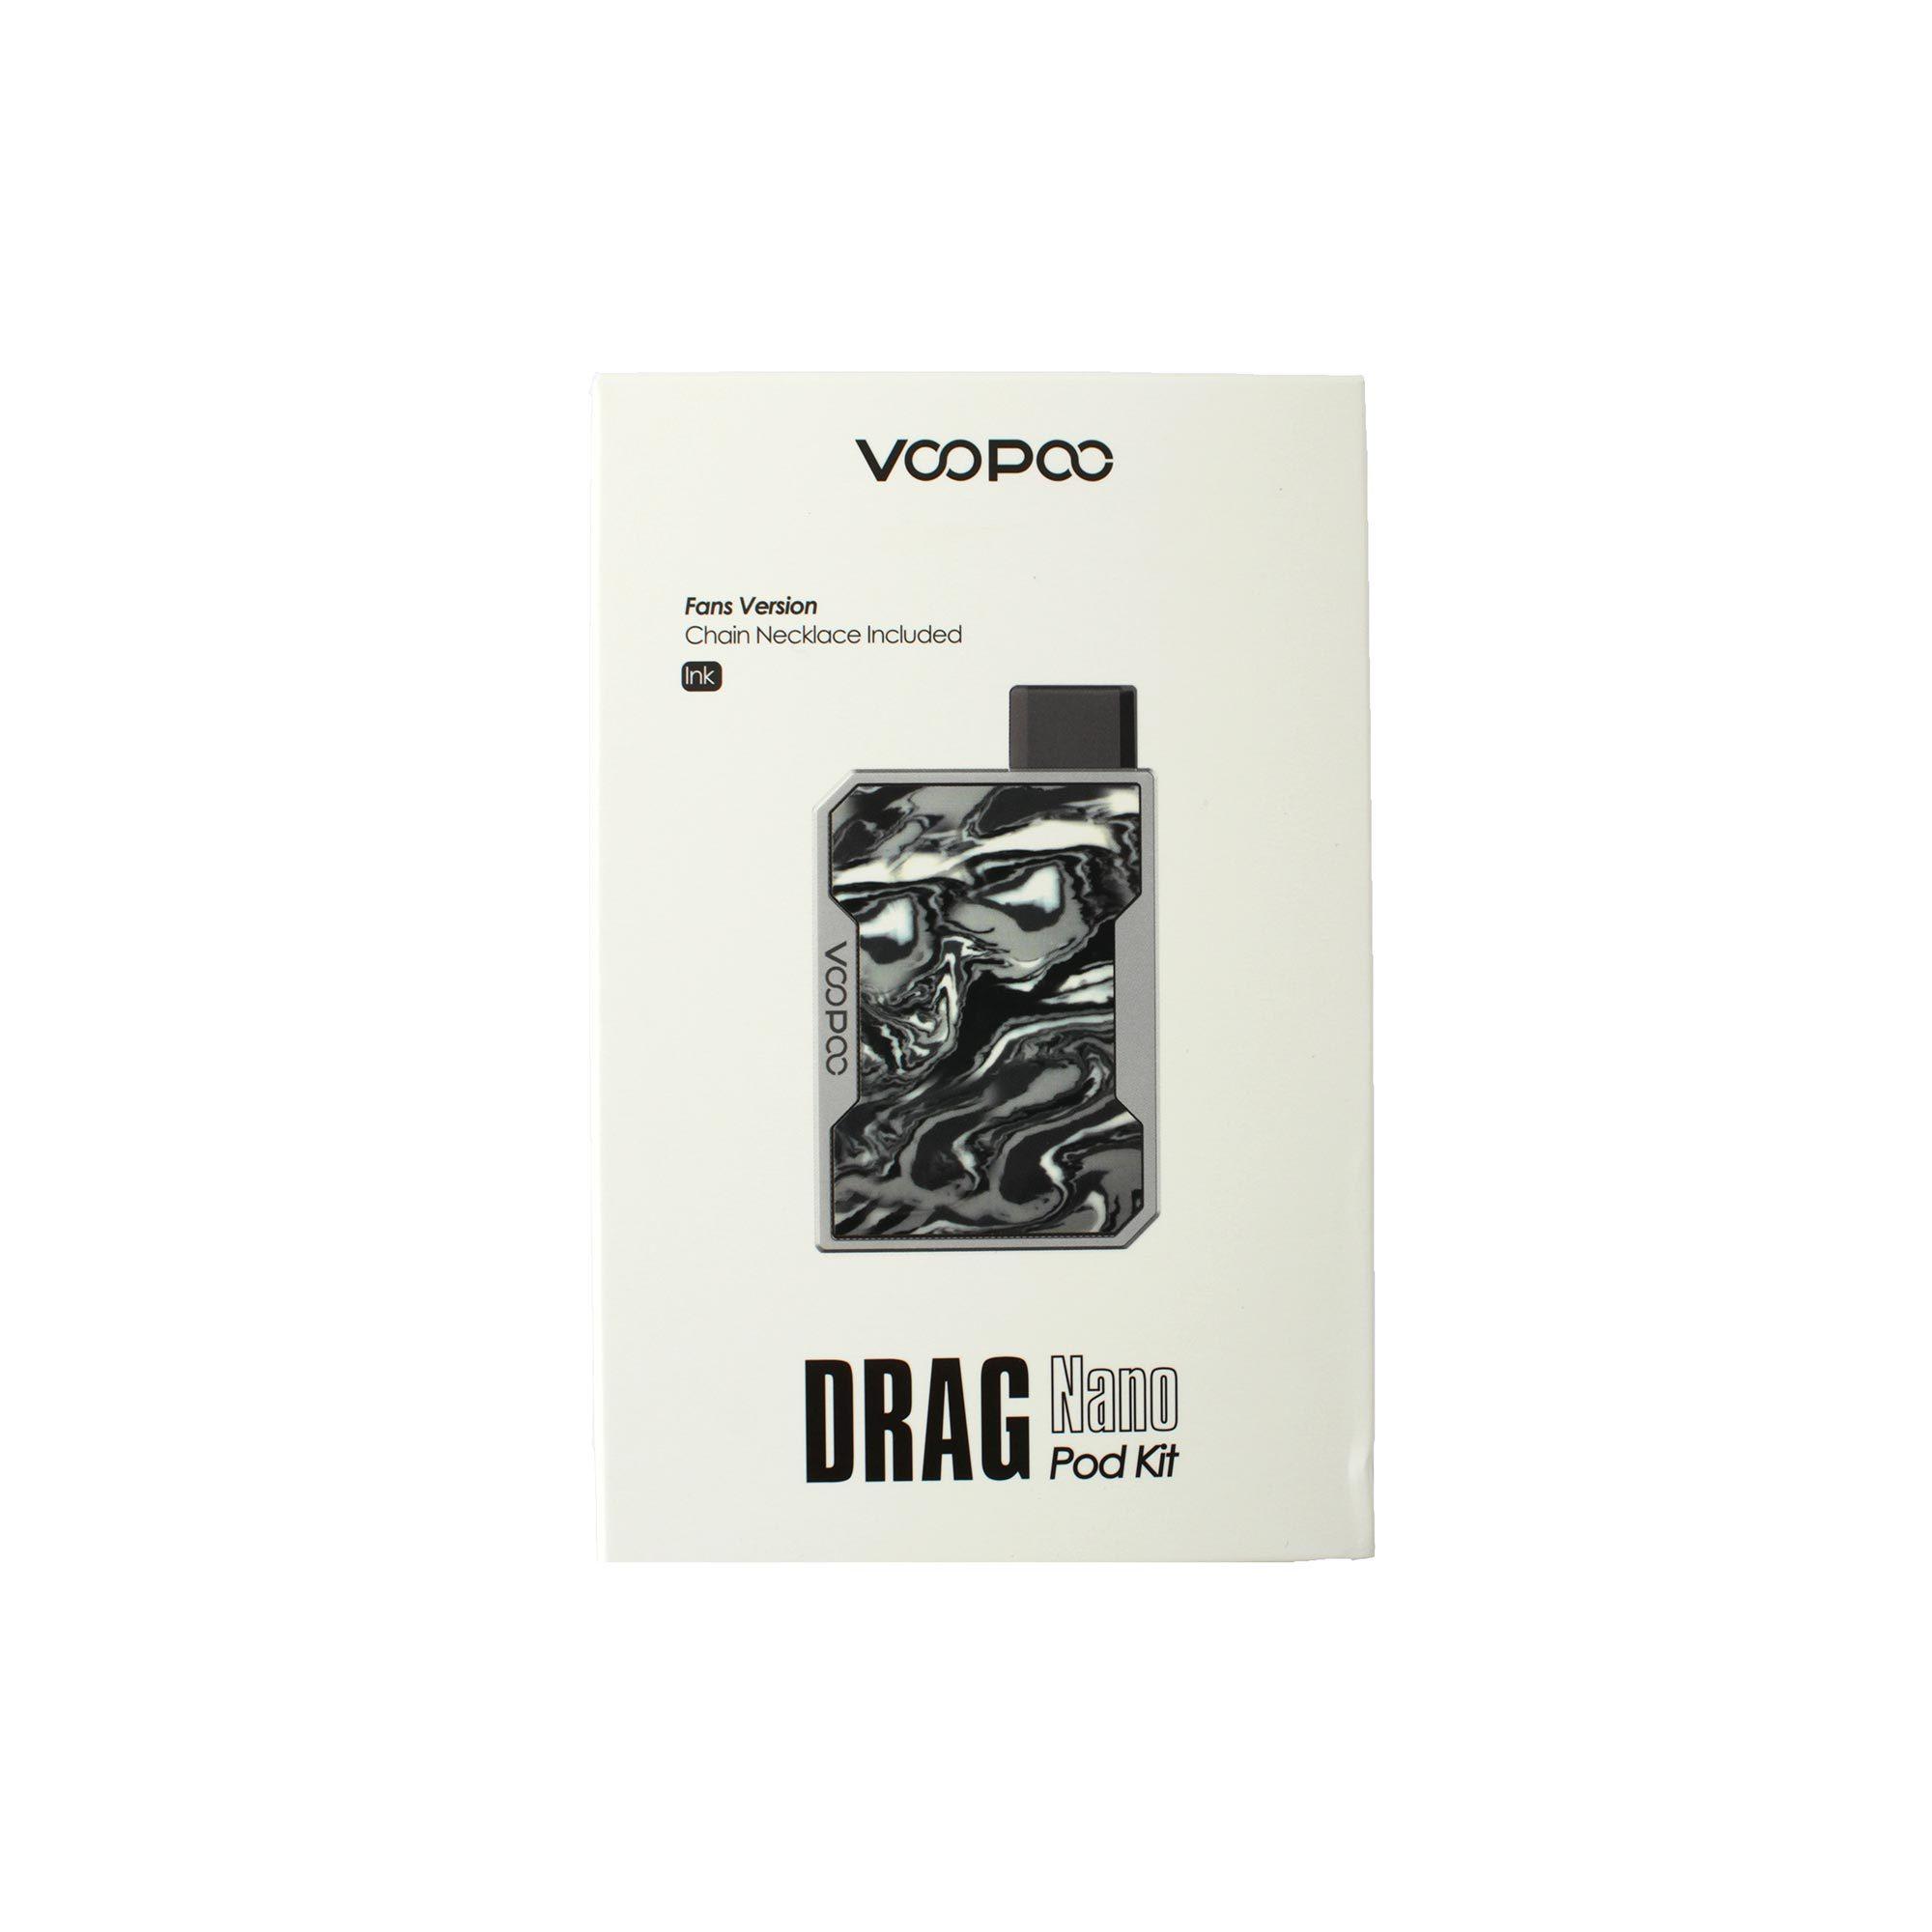 Фирменная коробка для Pod-системы Voo Poo DRAG Nano Pod Kit (фото 2)